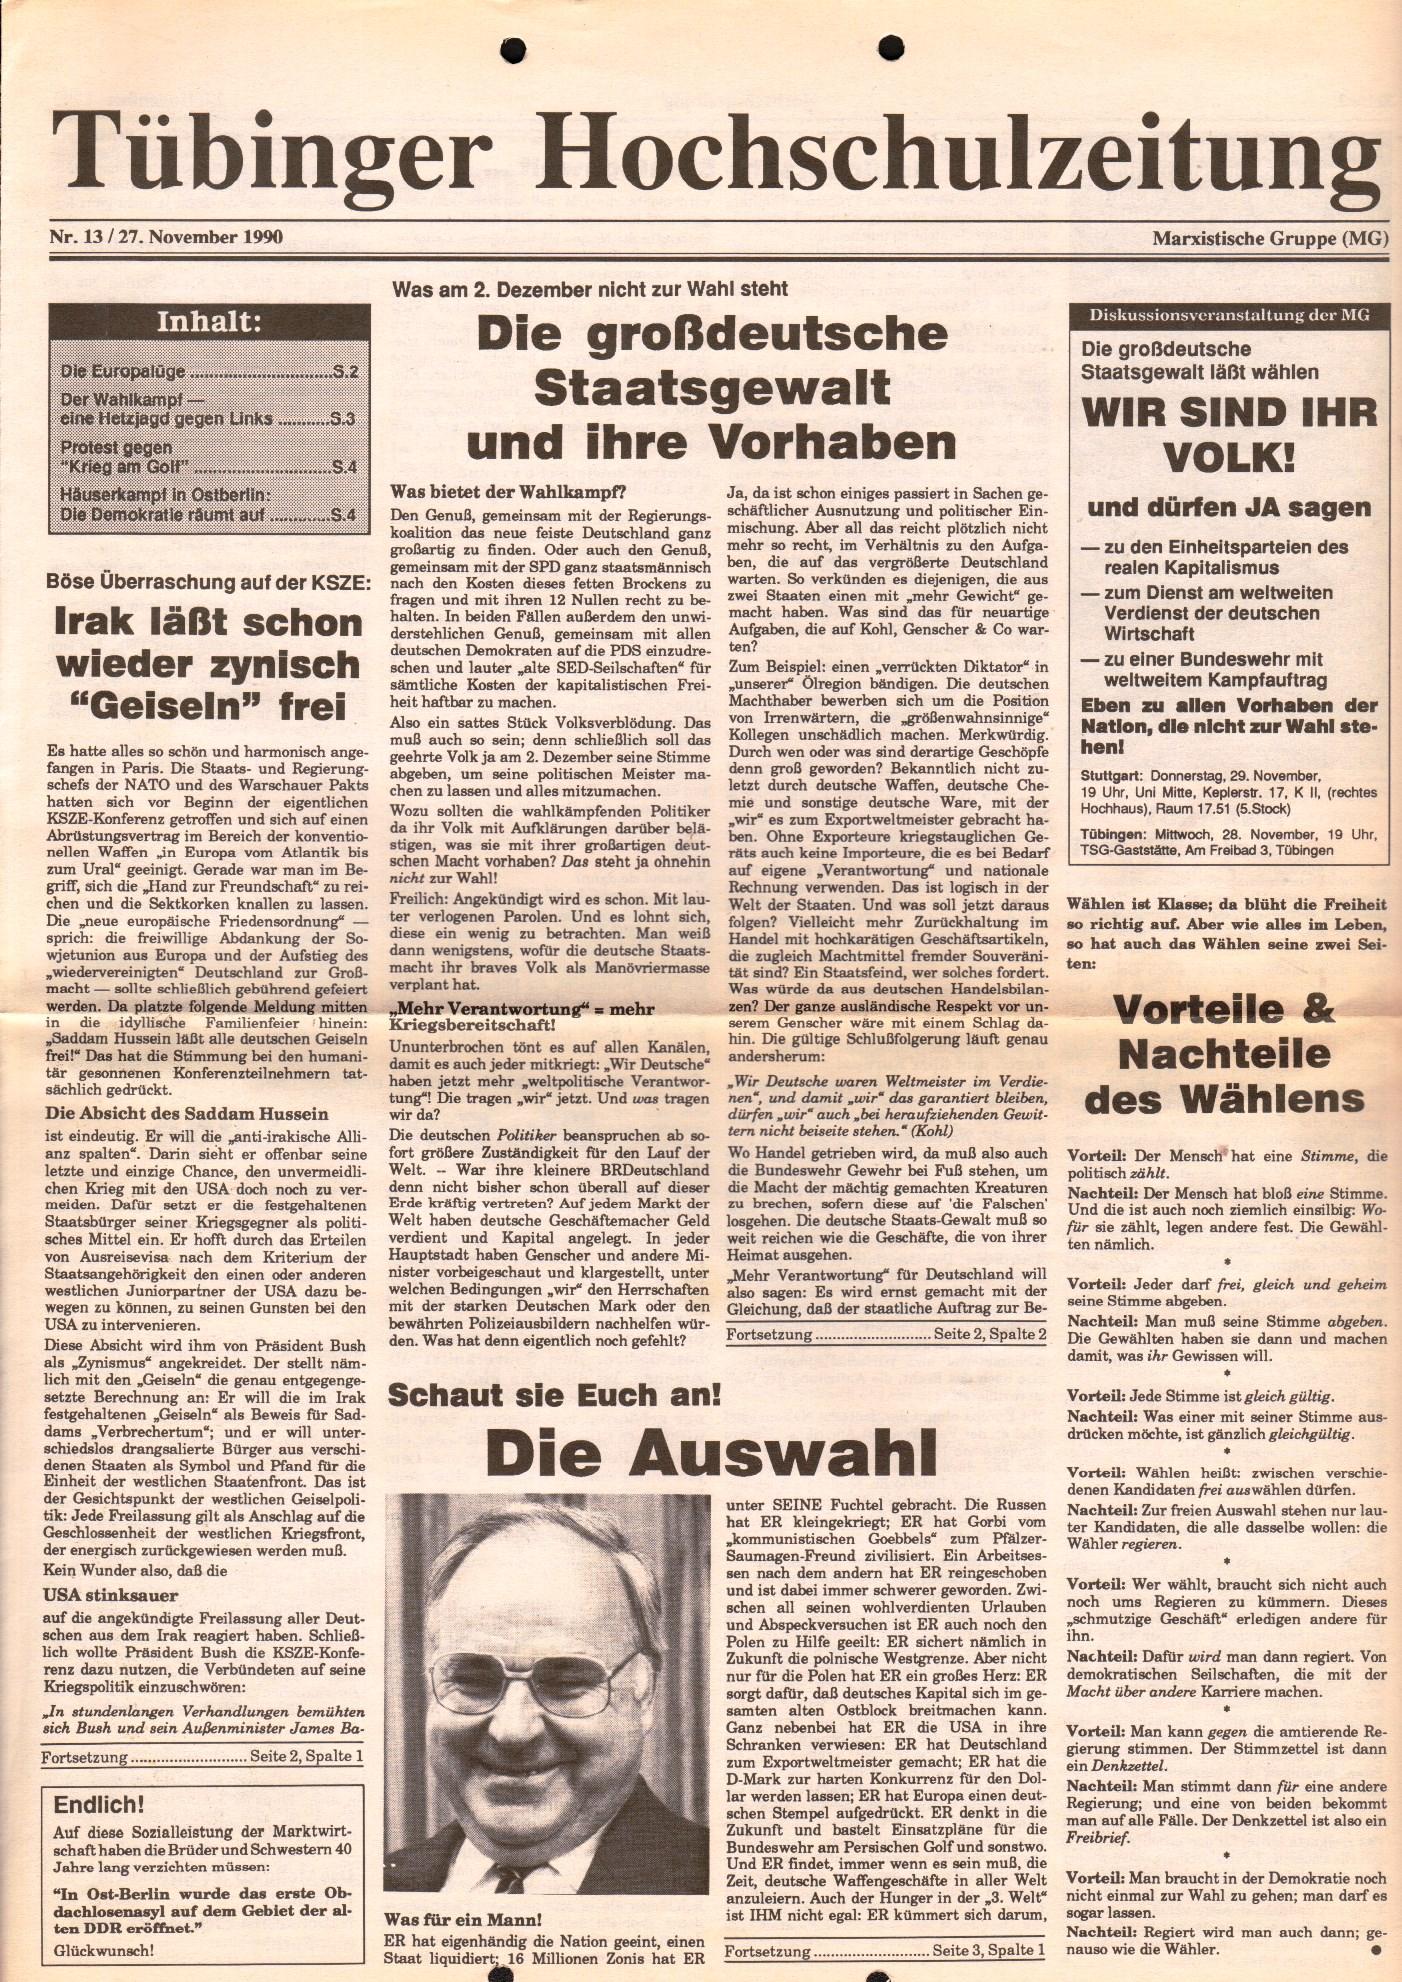 Tuebingen_MG_Hochschulzeitung_1990_13_01